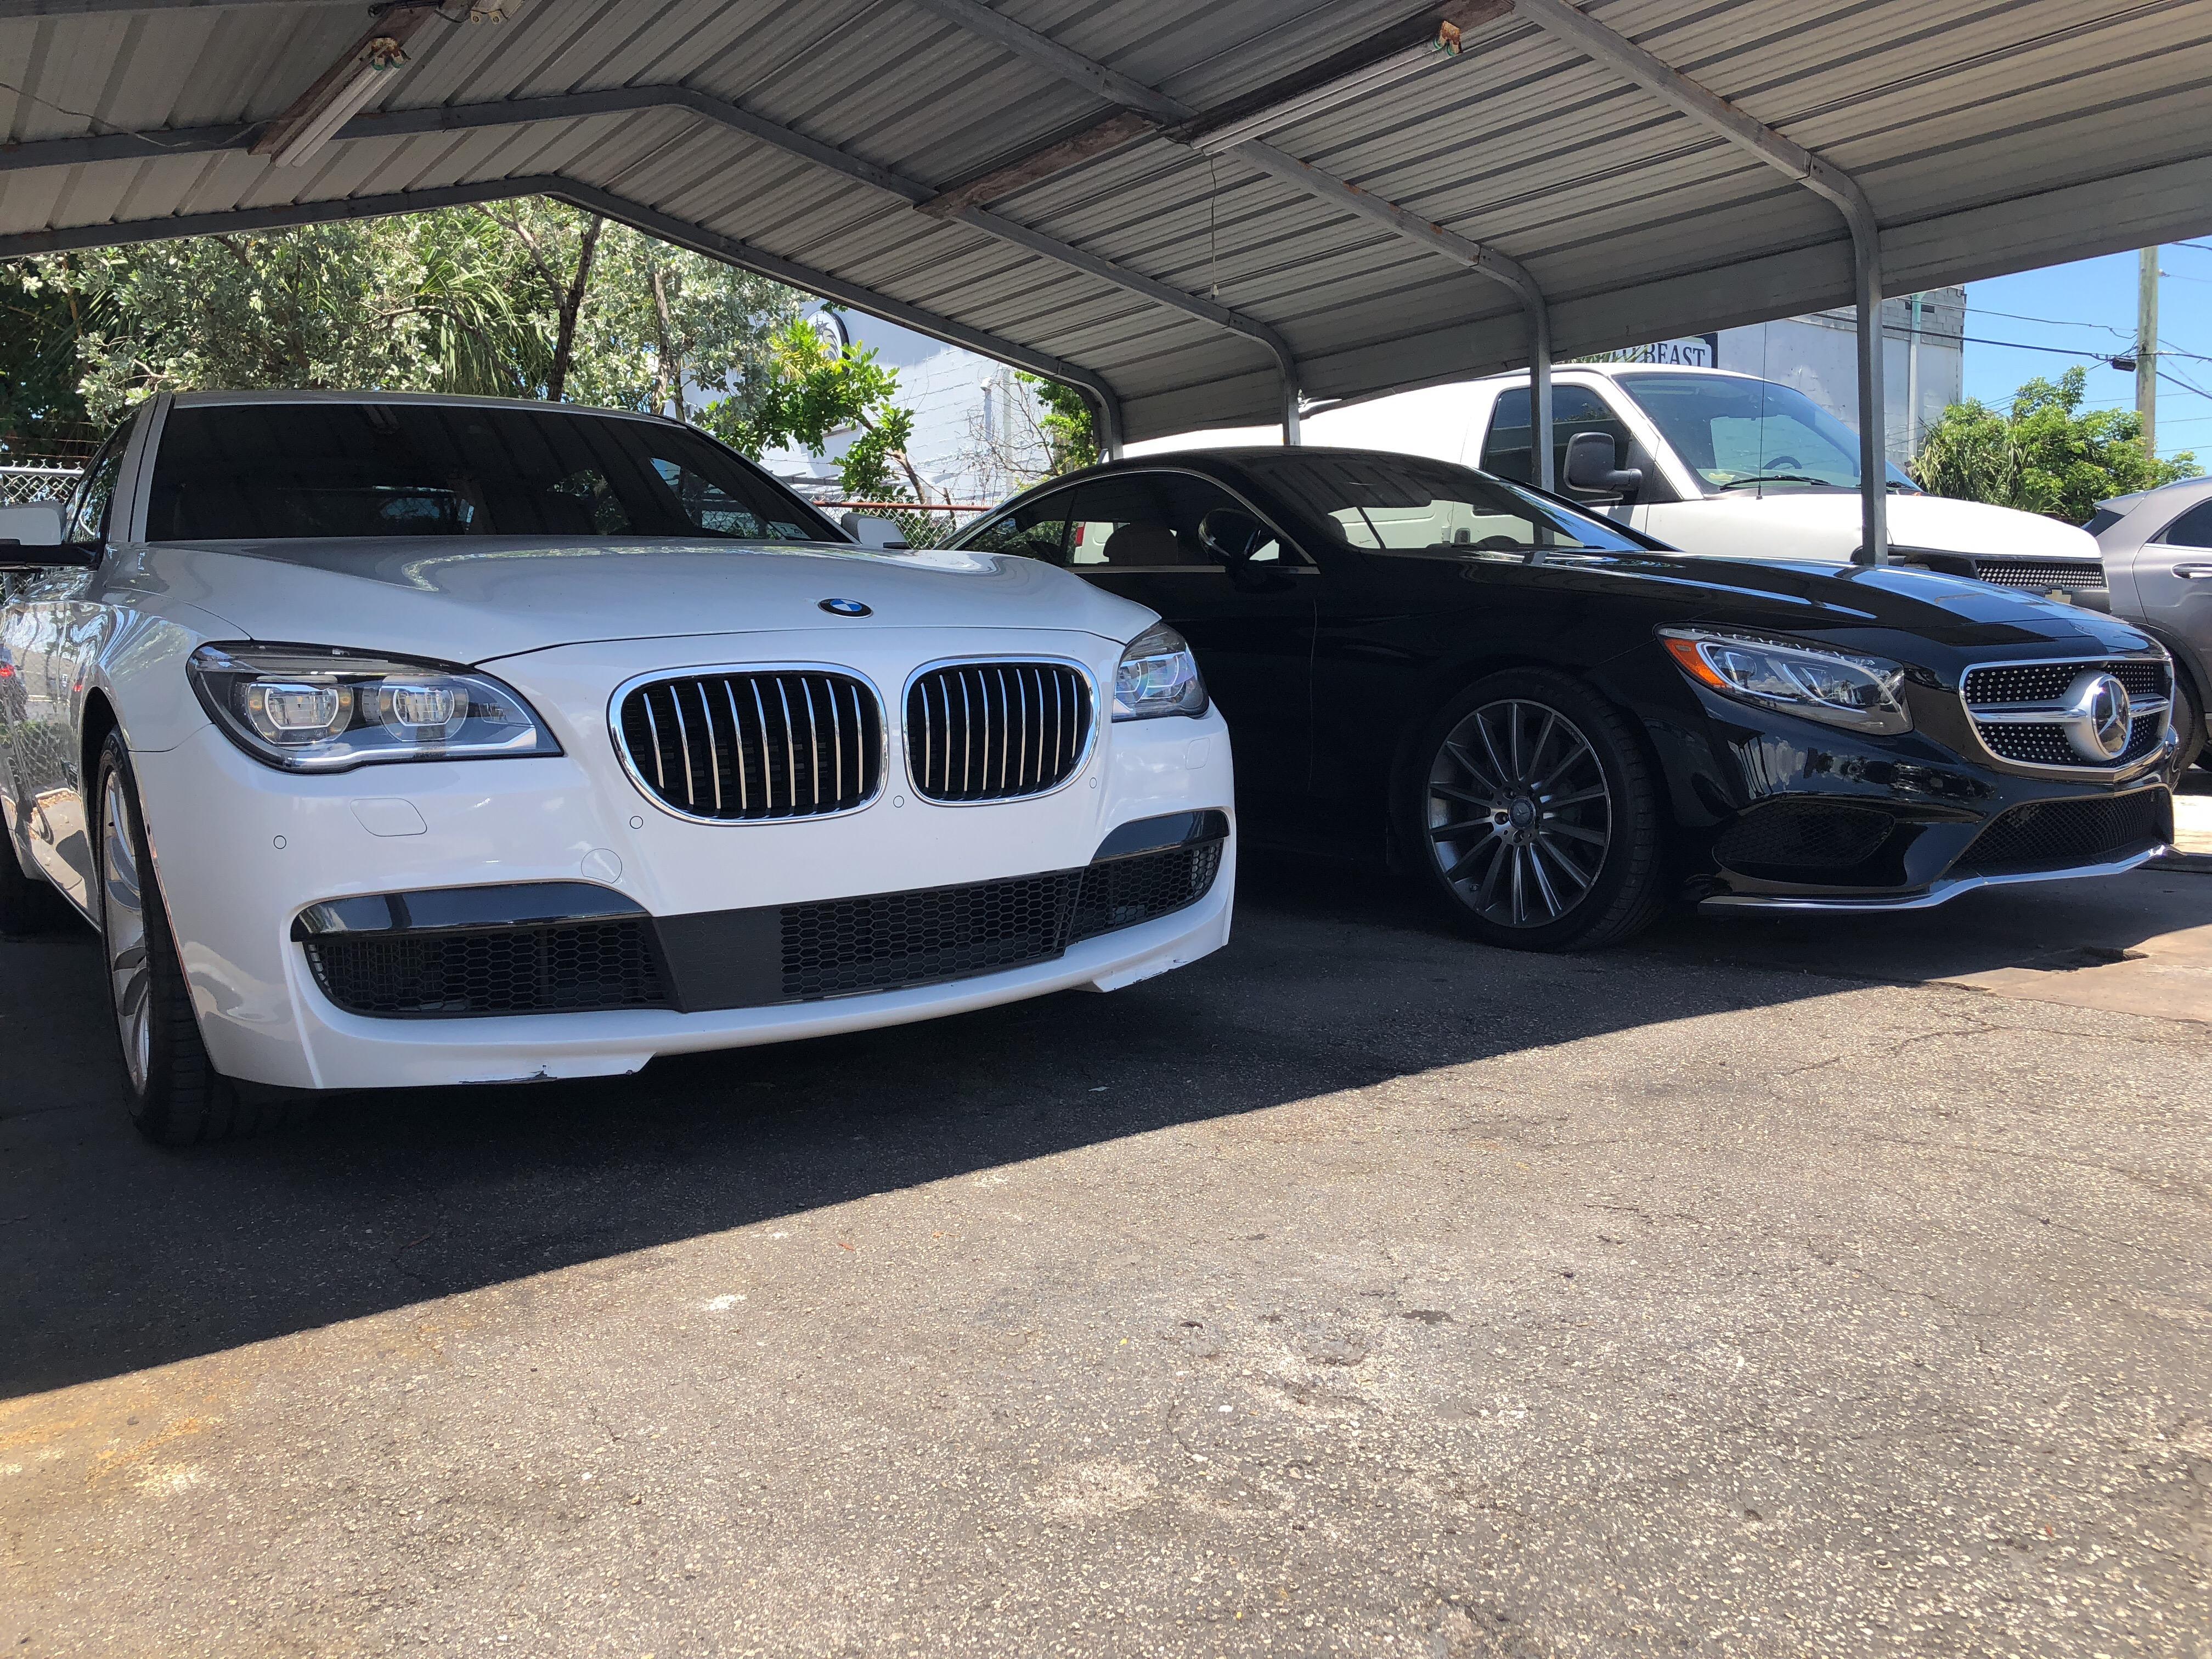 Florida Auto Imports image 0